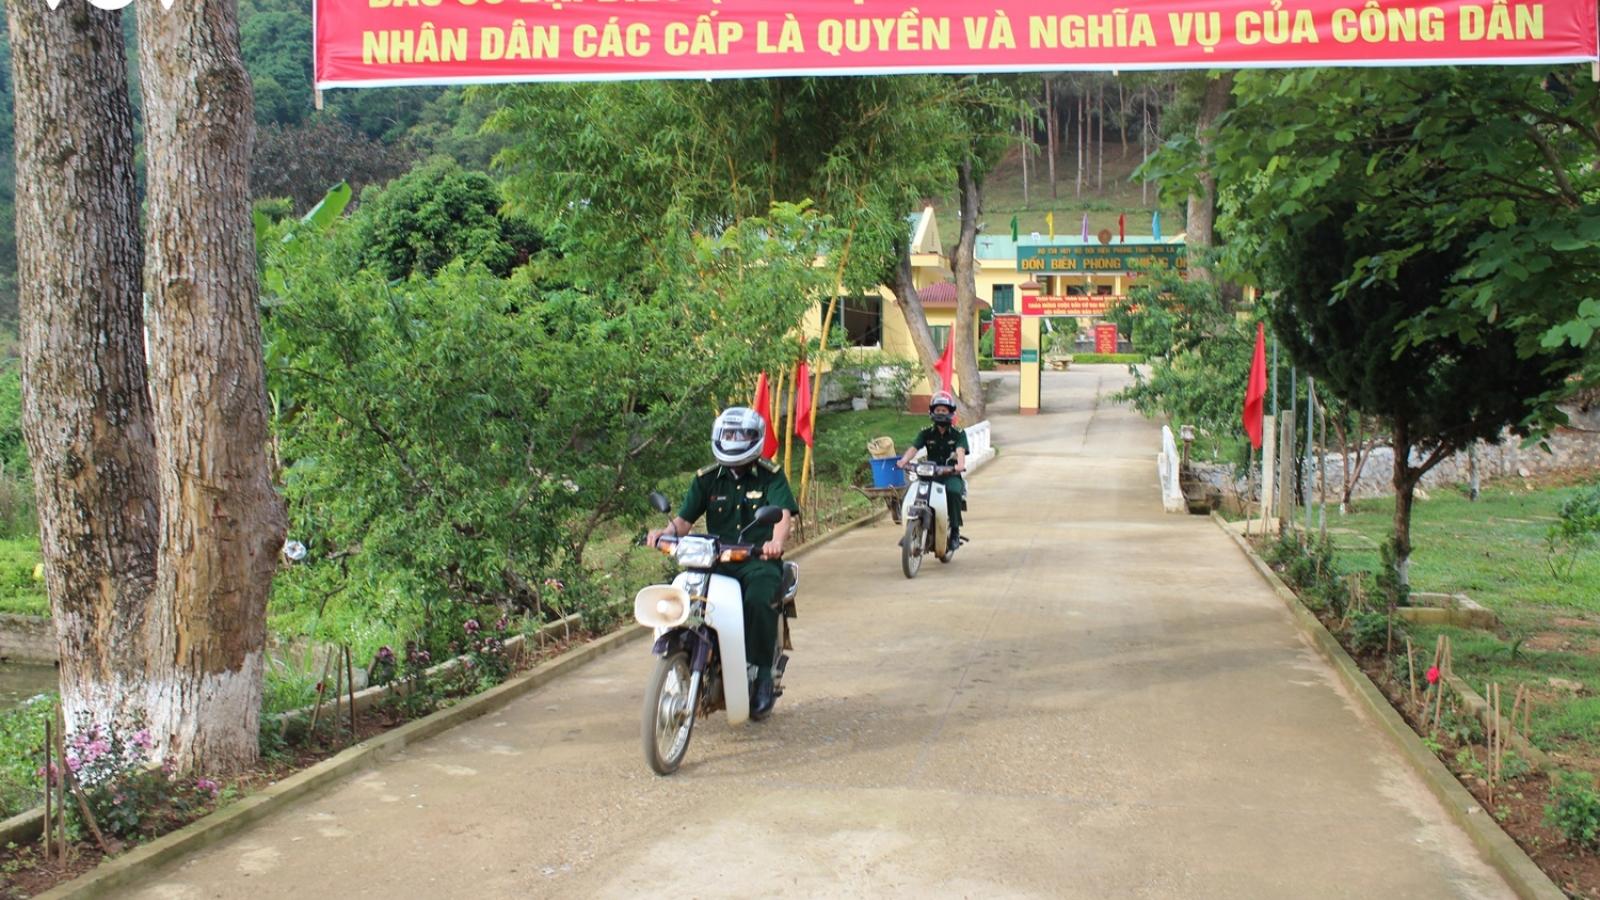 Ảnh: Biên phòng Sơn La vận động đồng bào tham gia bầu cử